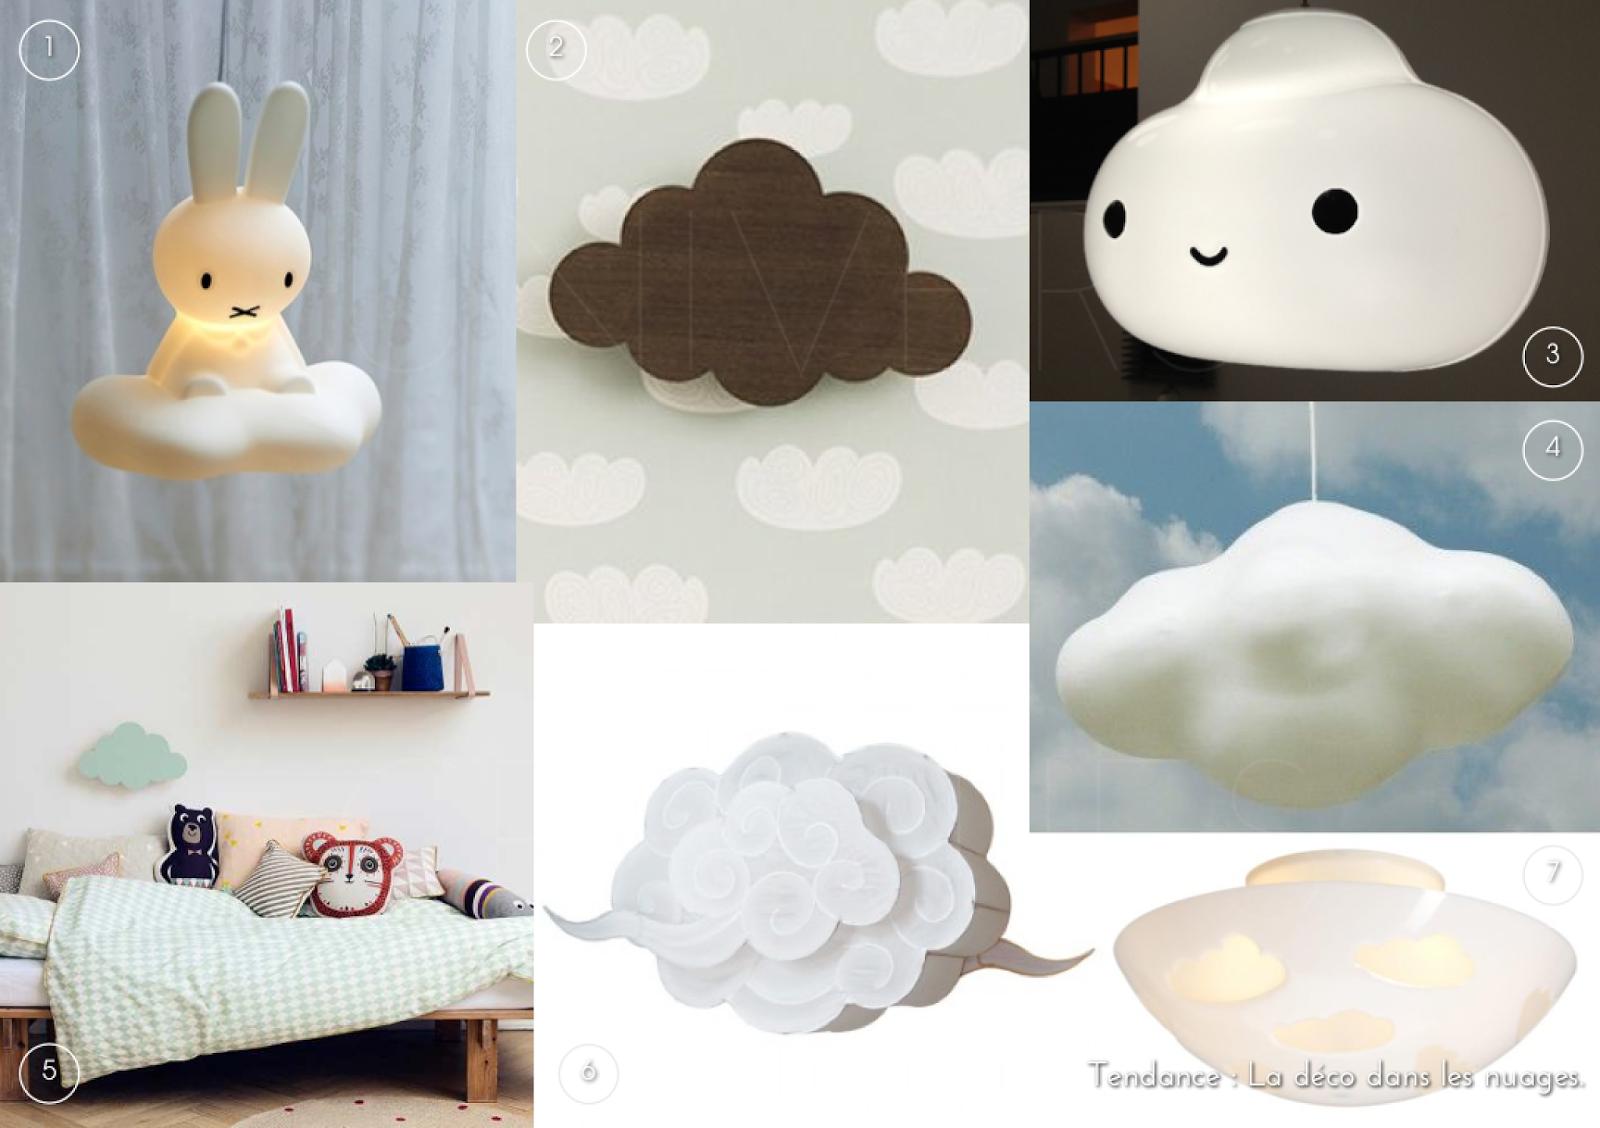 univers creatifs tendance la d co dans les nuages 1. Black Bedroom Furniture Sets. Home Design Ideas